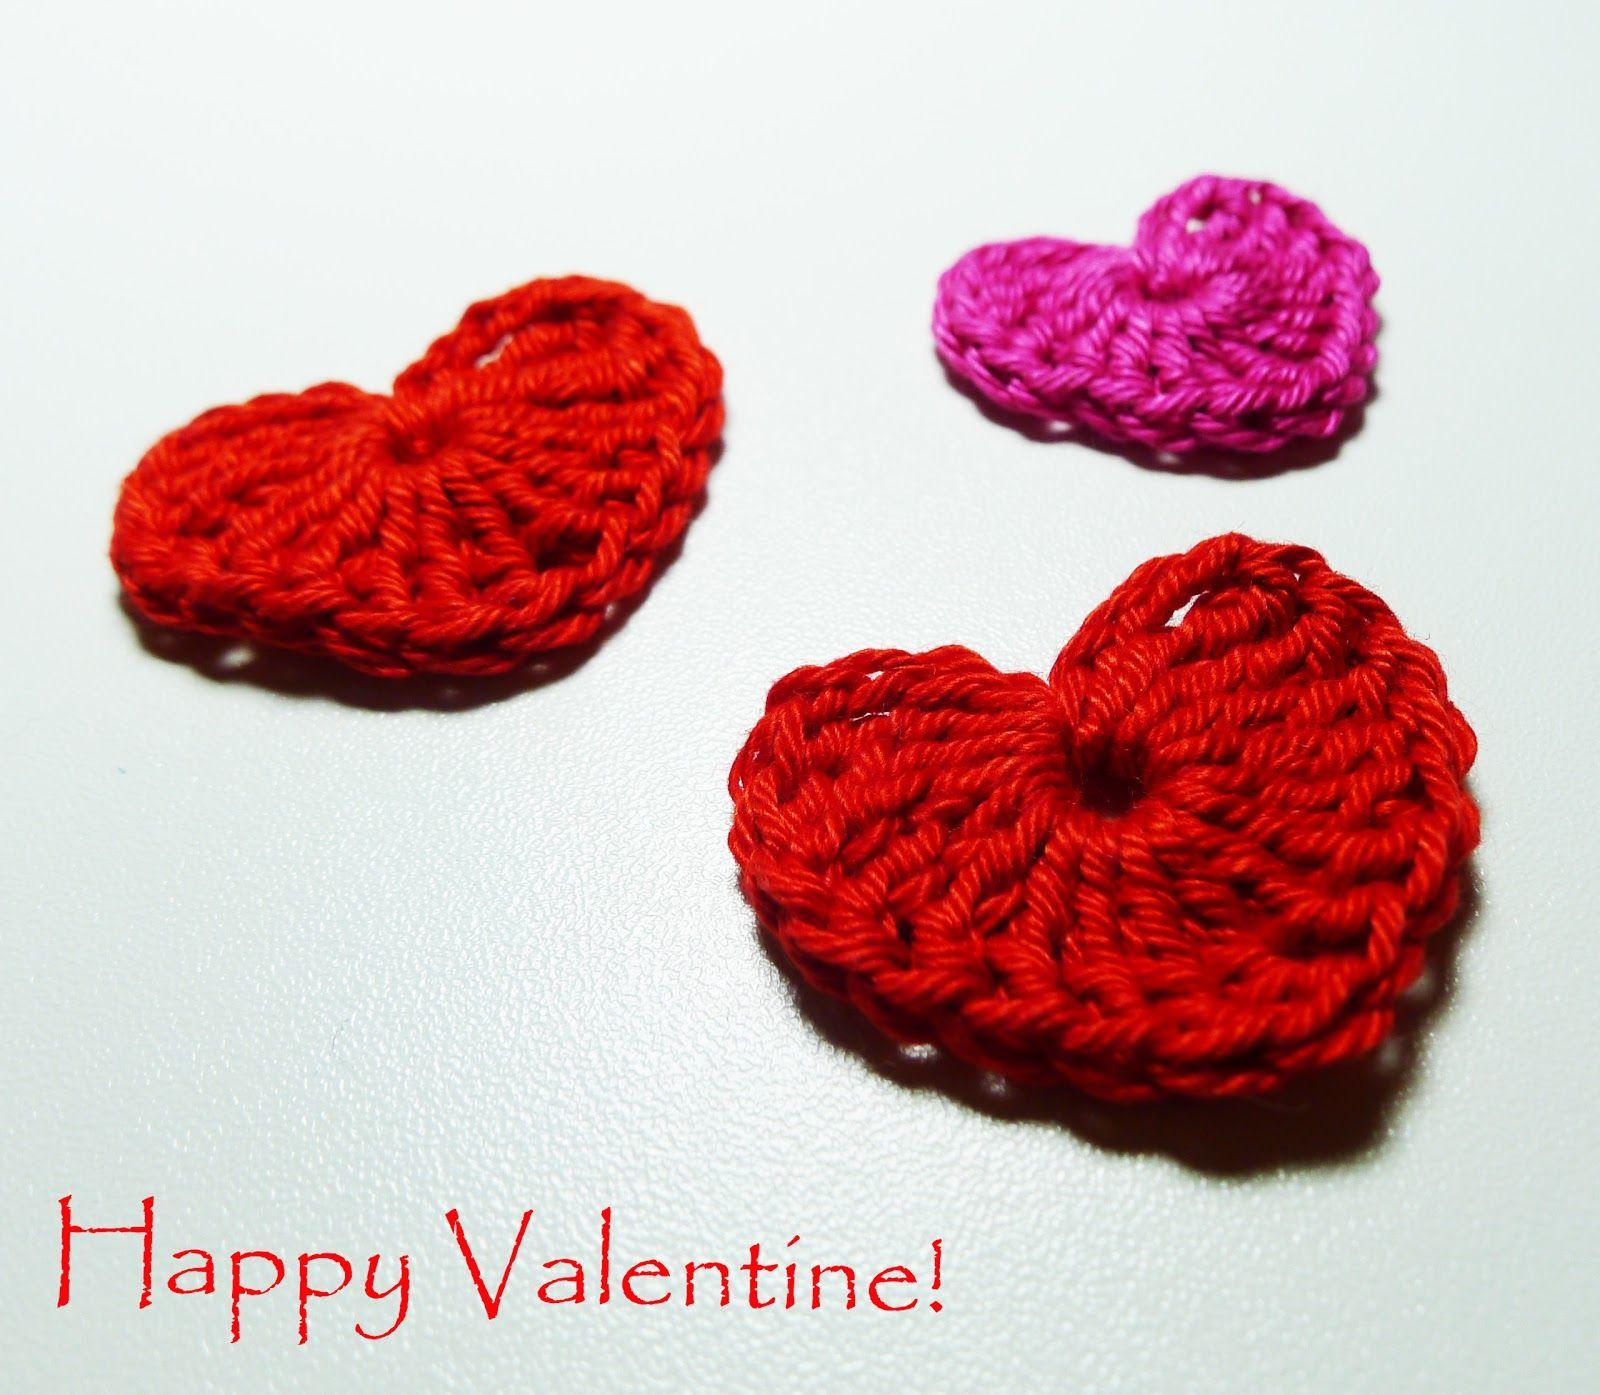 Ich Wünsche Euch Mit Diesen Gehäkelten Herzen Einen Ganz Tolle Valentinstag  Und Viele